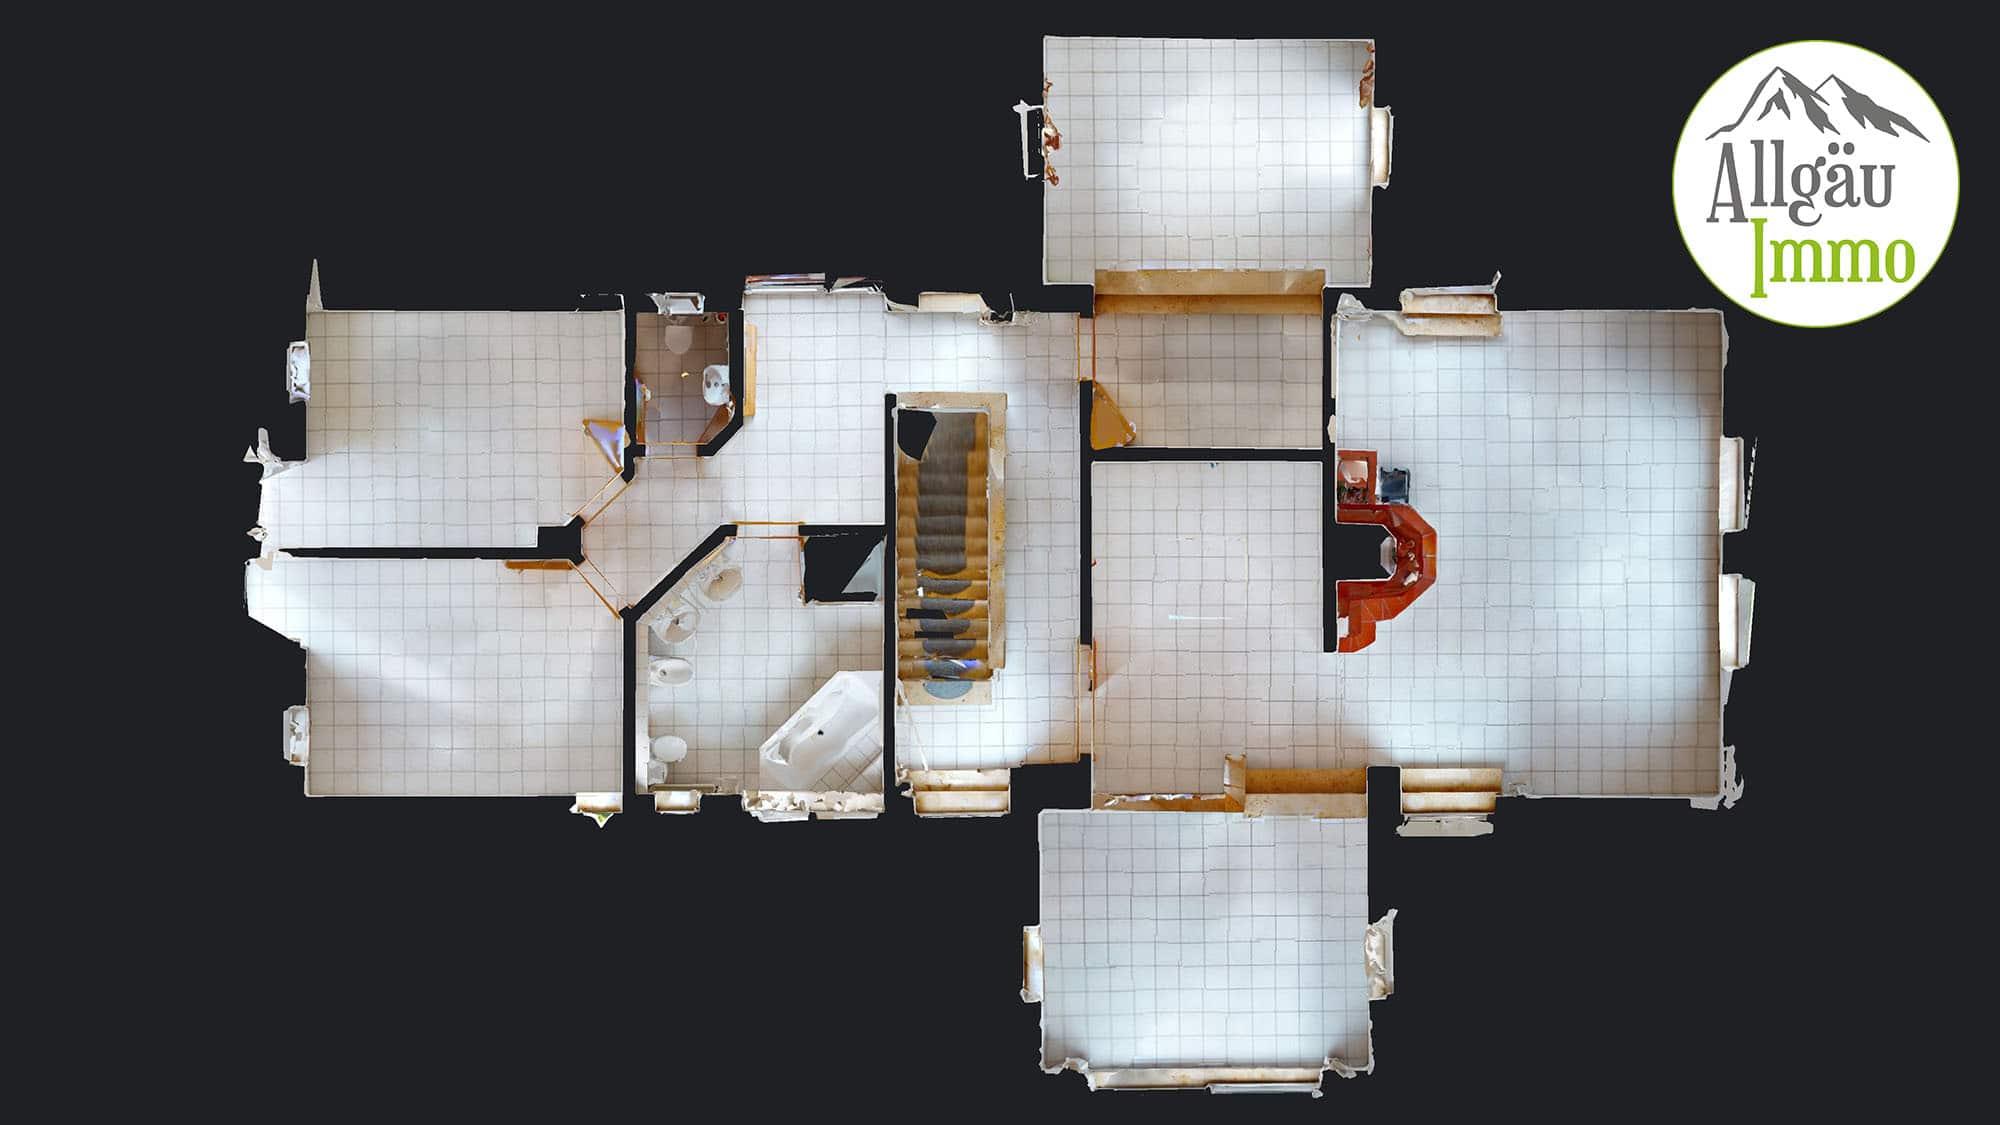 Immobilienangebot von AllgäuImmo